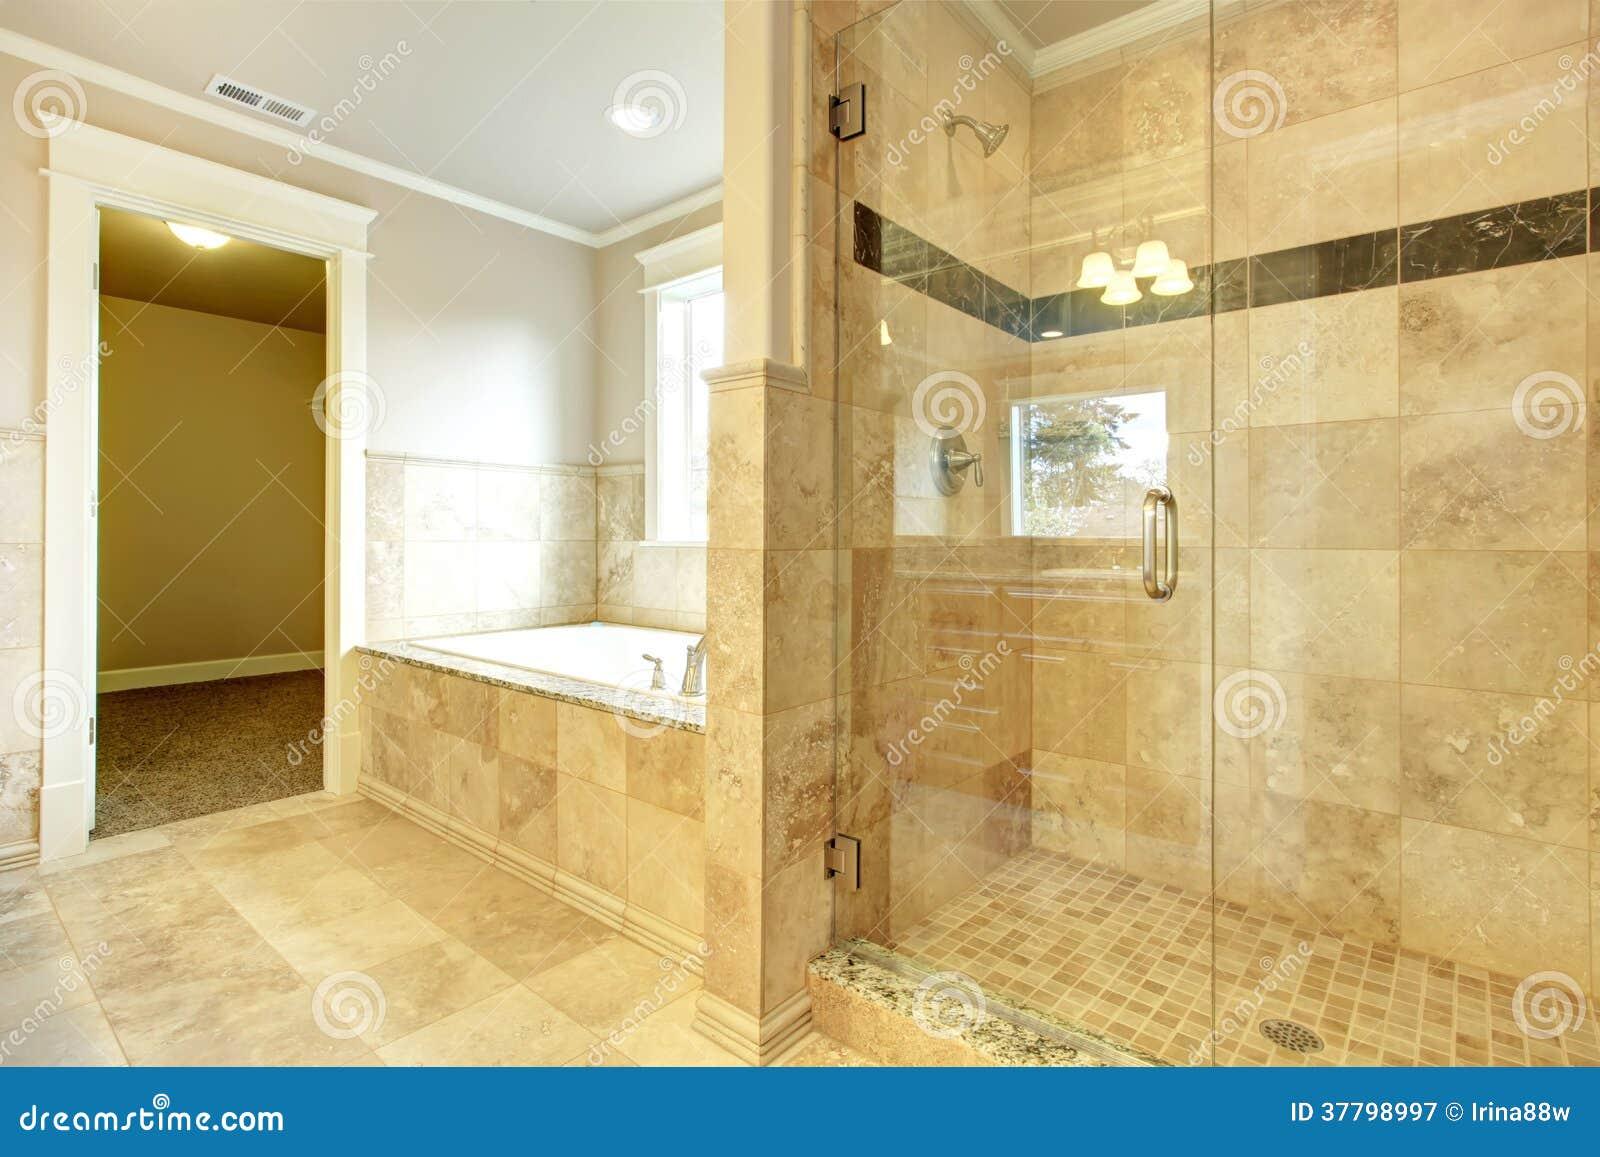 Bain Avec Porte Et Douche : Salle de bains confortable avec la douche porte